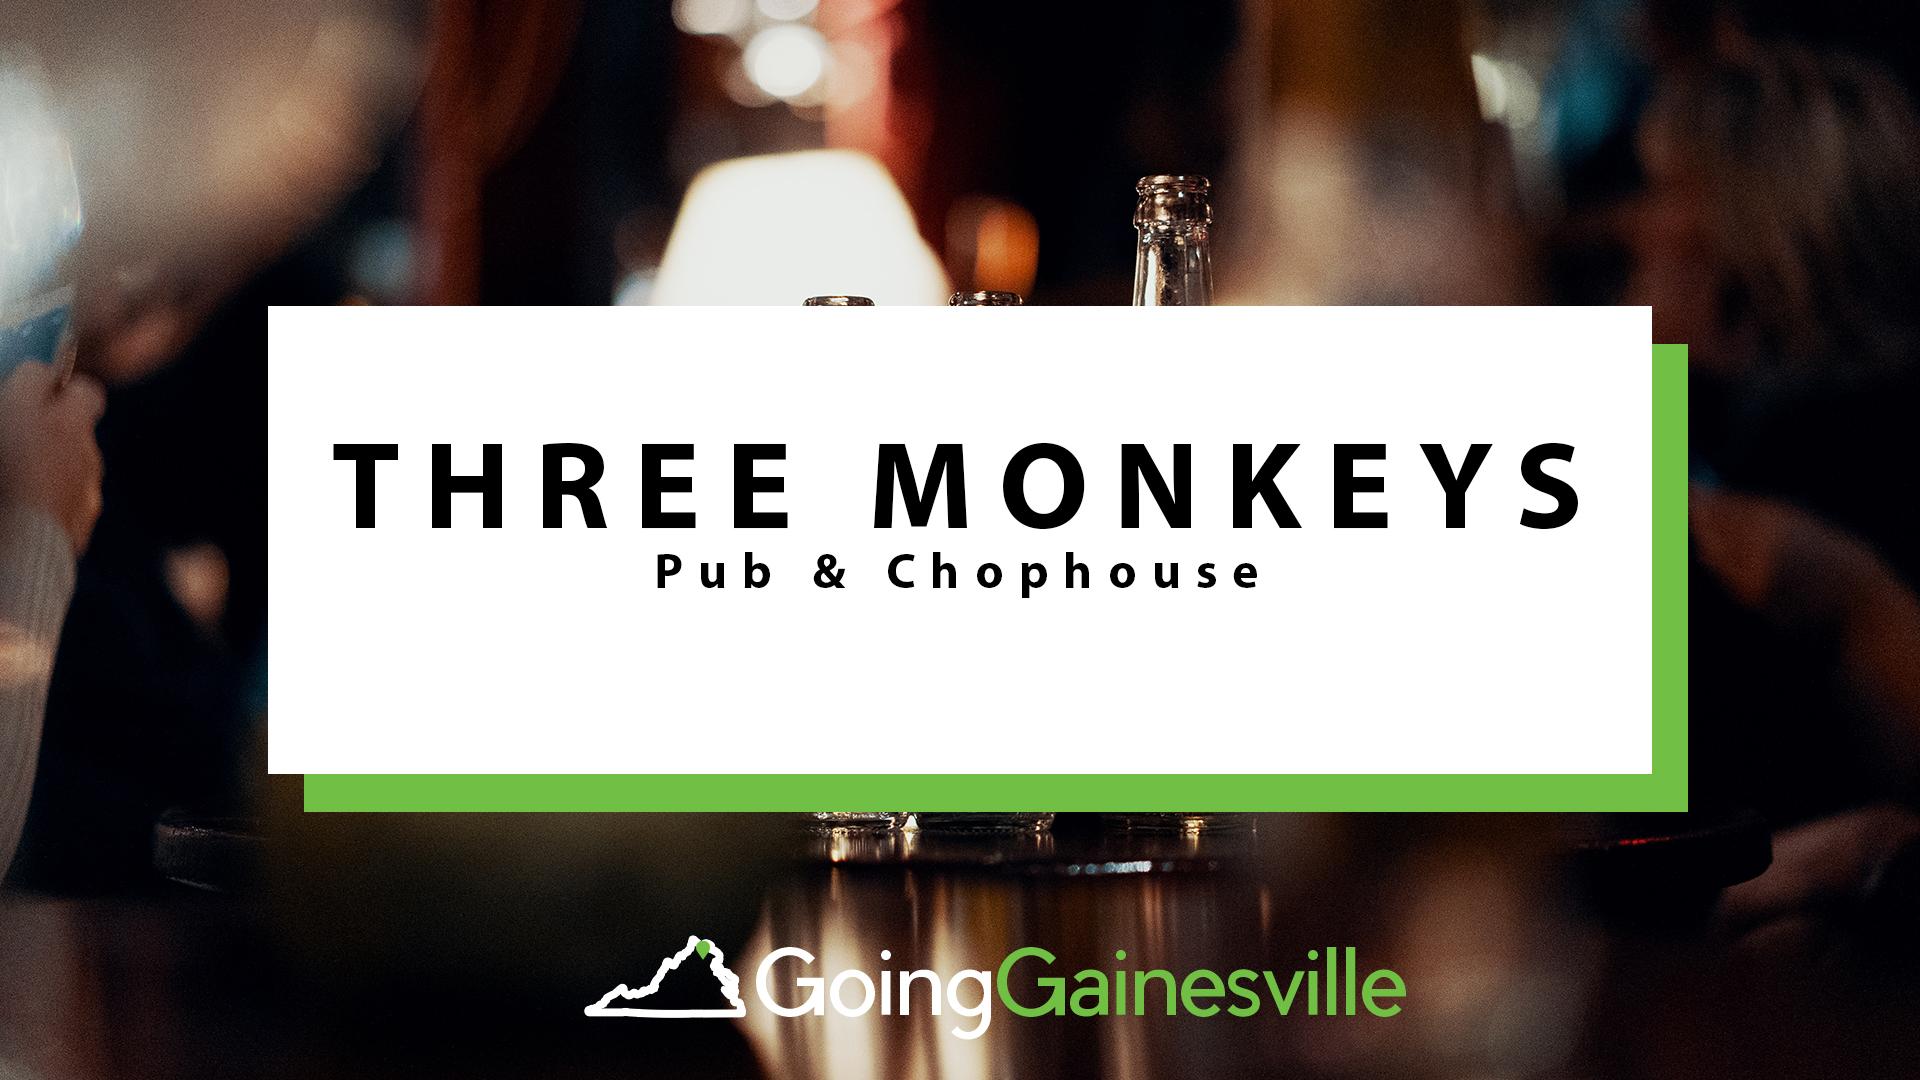 Three Monkeys Pub